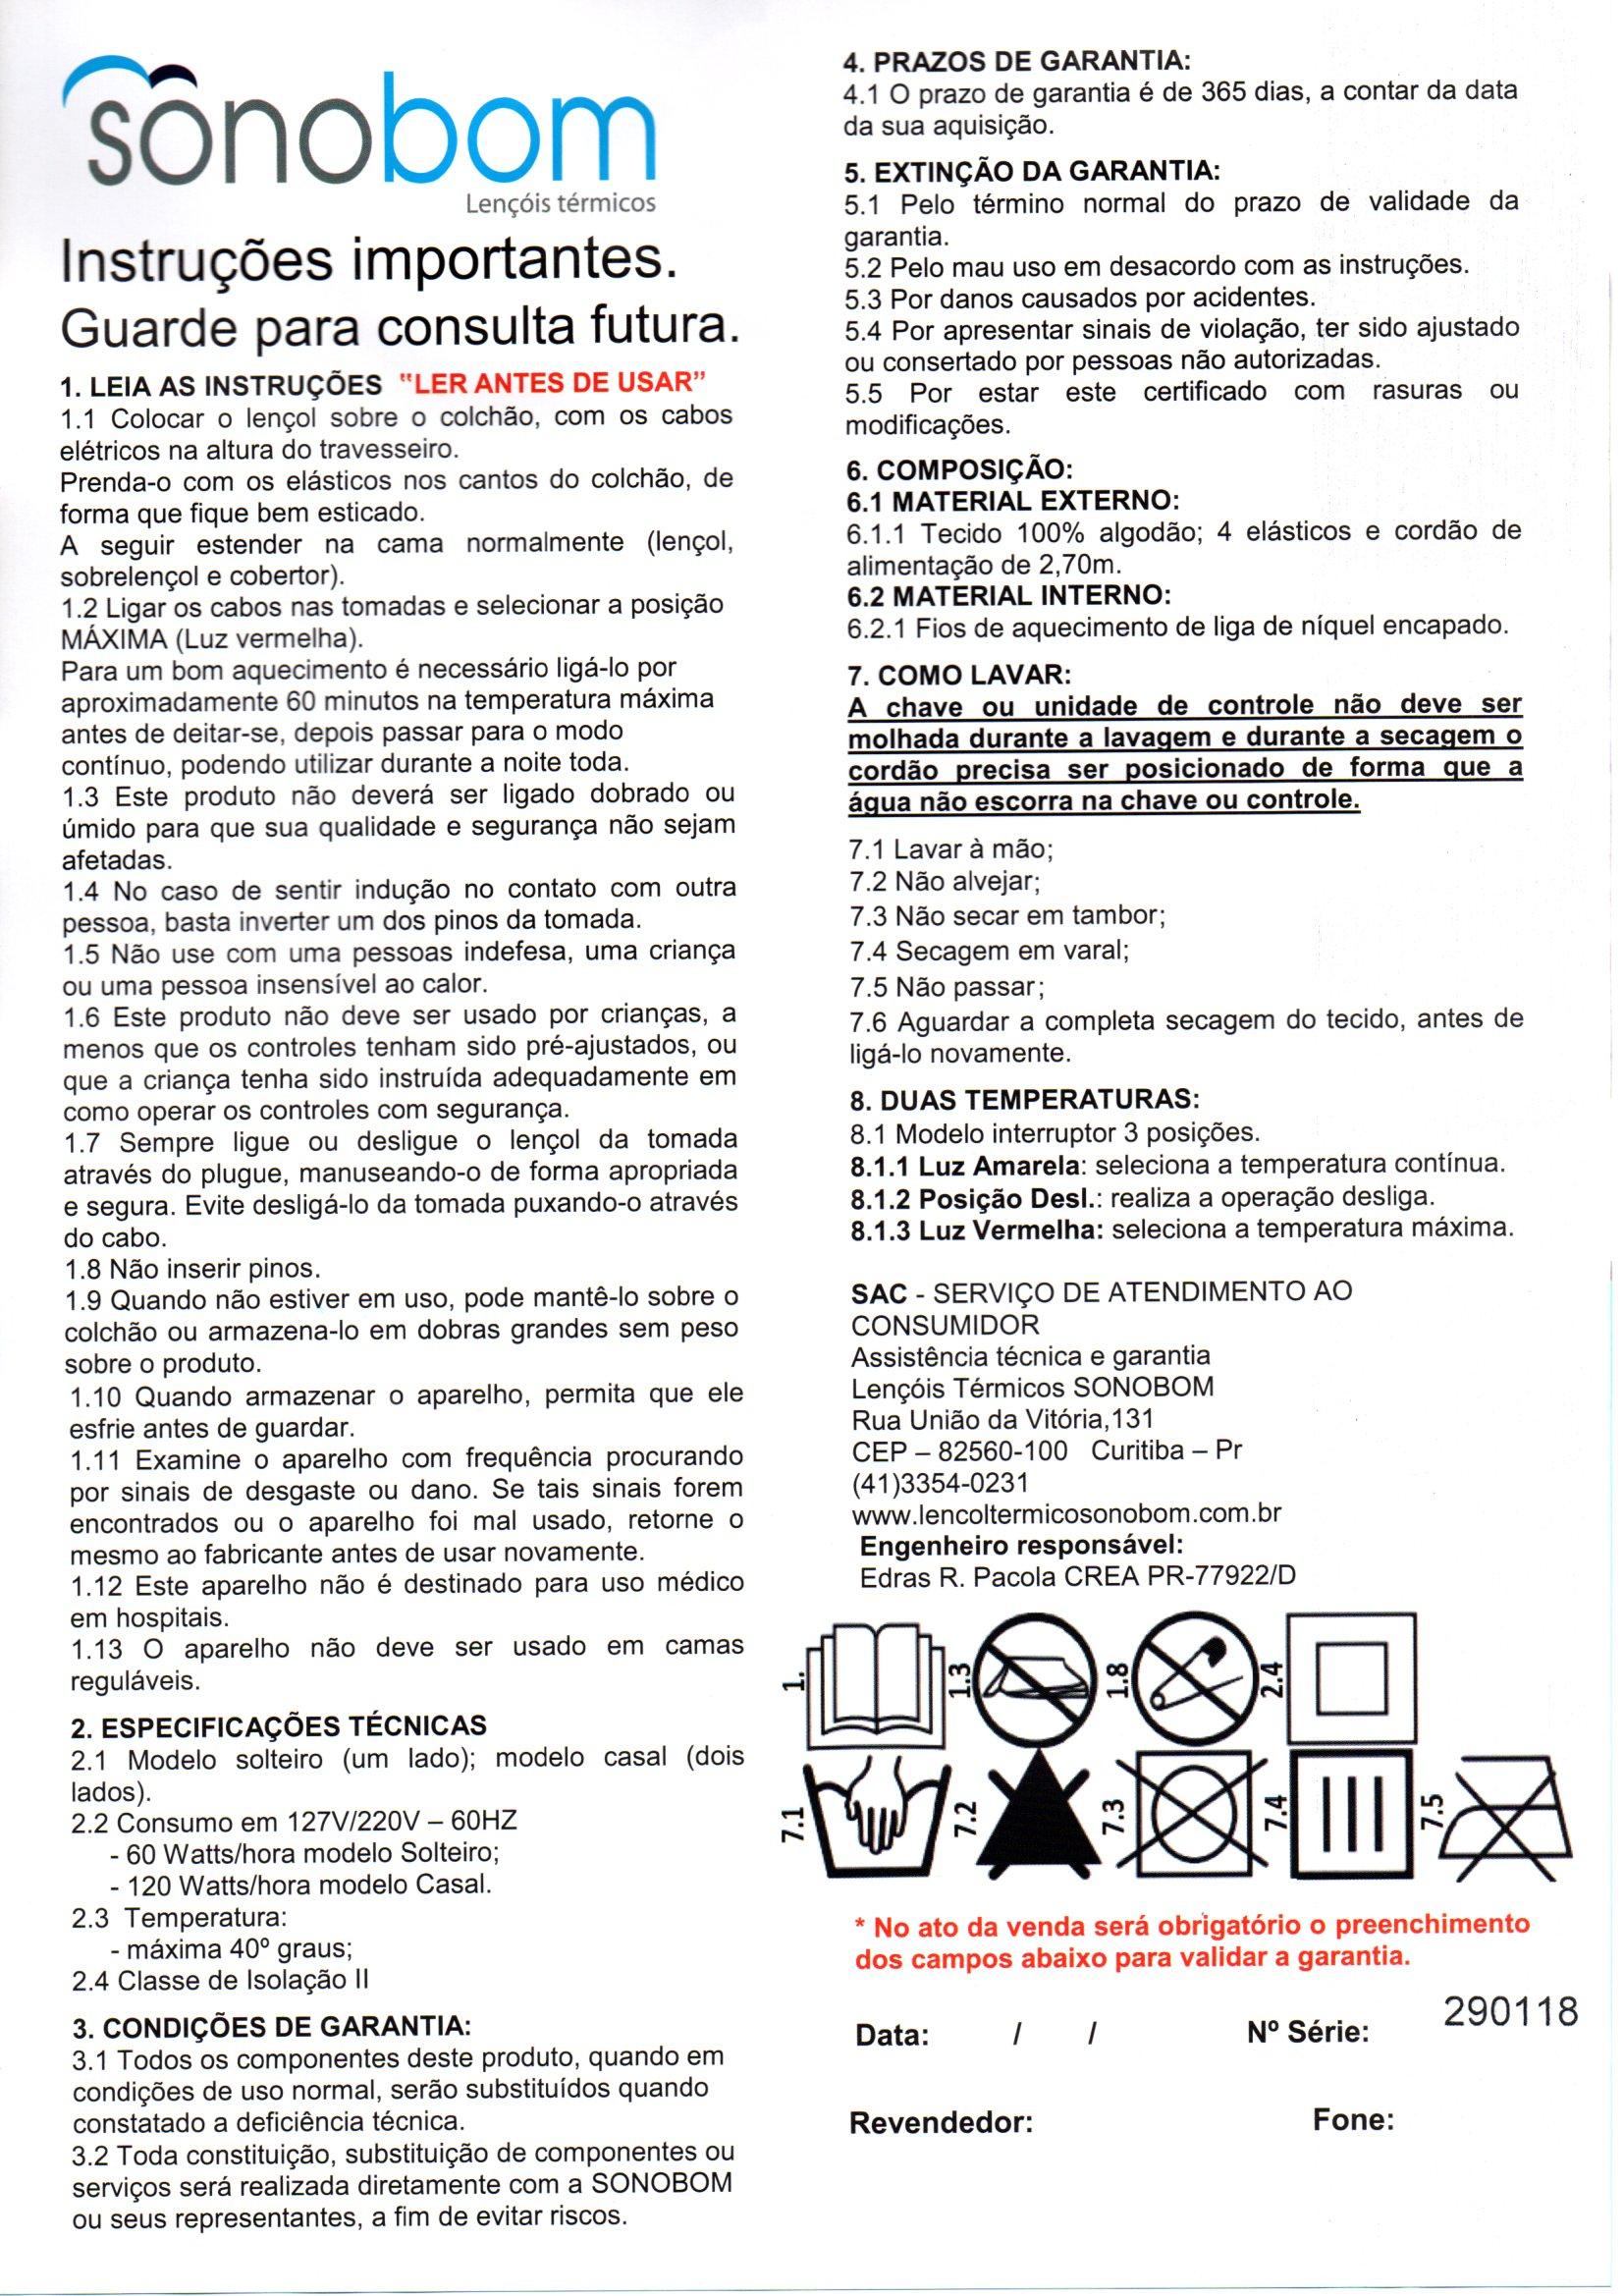 Polisani Materiais Médicos - LENCOL TERMICO SOLT 0,70X1,50 110v  SONOBOM